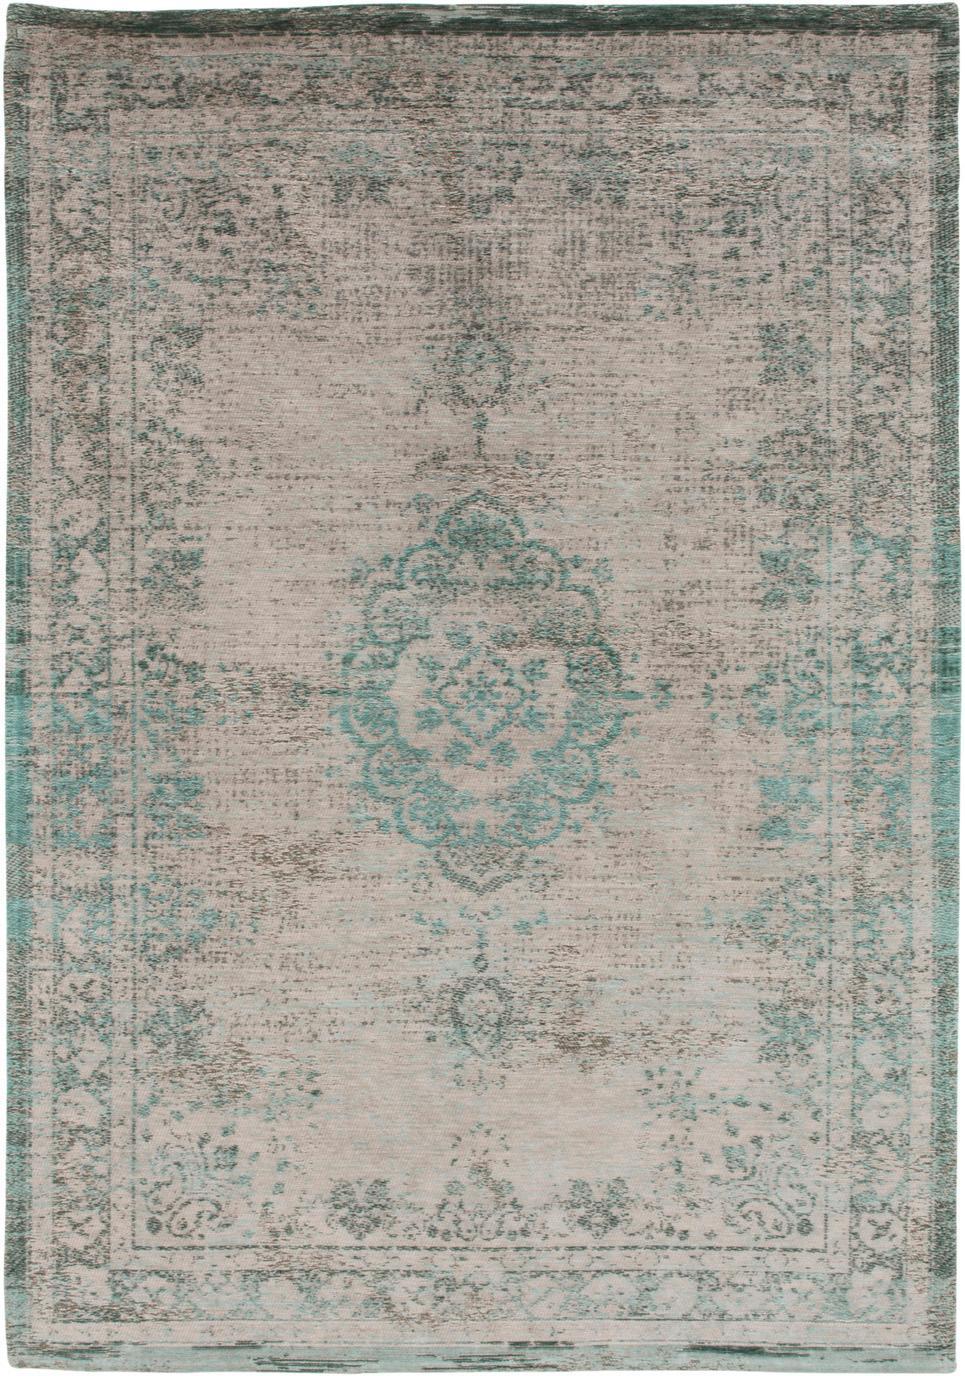 Tappeto vintage in ciniglia Medaillon, Tessuto: Jacquard, Retro: Filato di ciniglia, rives, Verde, rosa, Larg. 140 x Lung. 200 cm (taglia S)